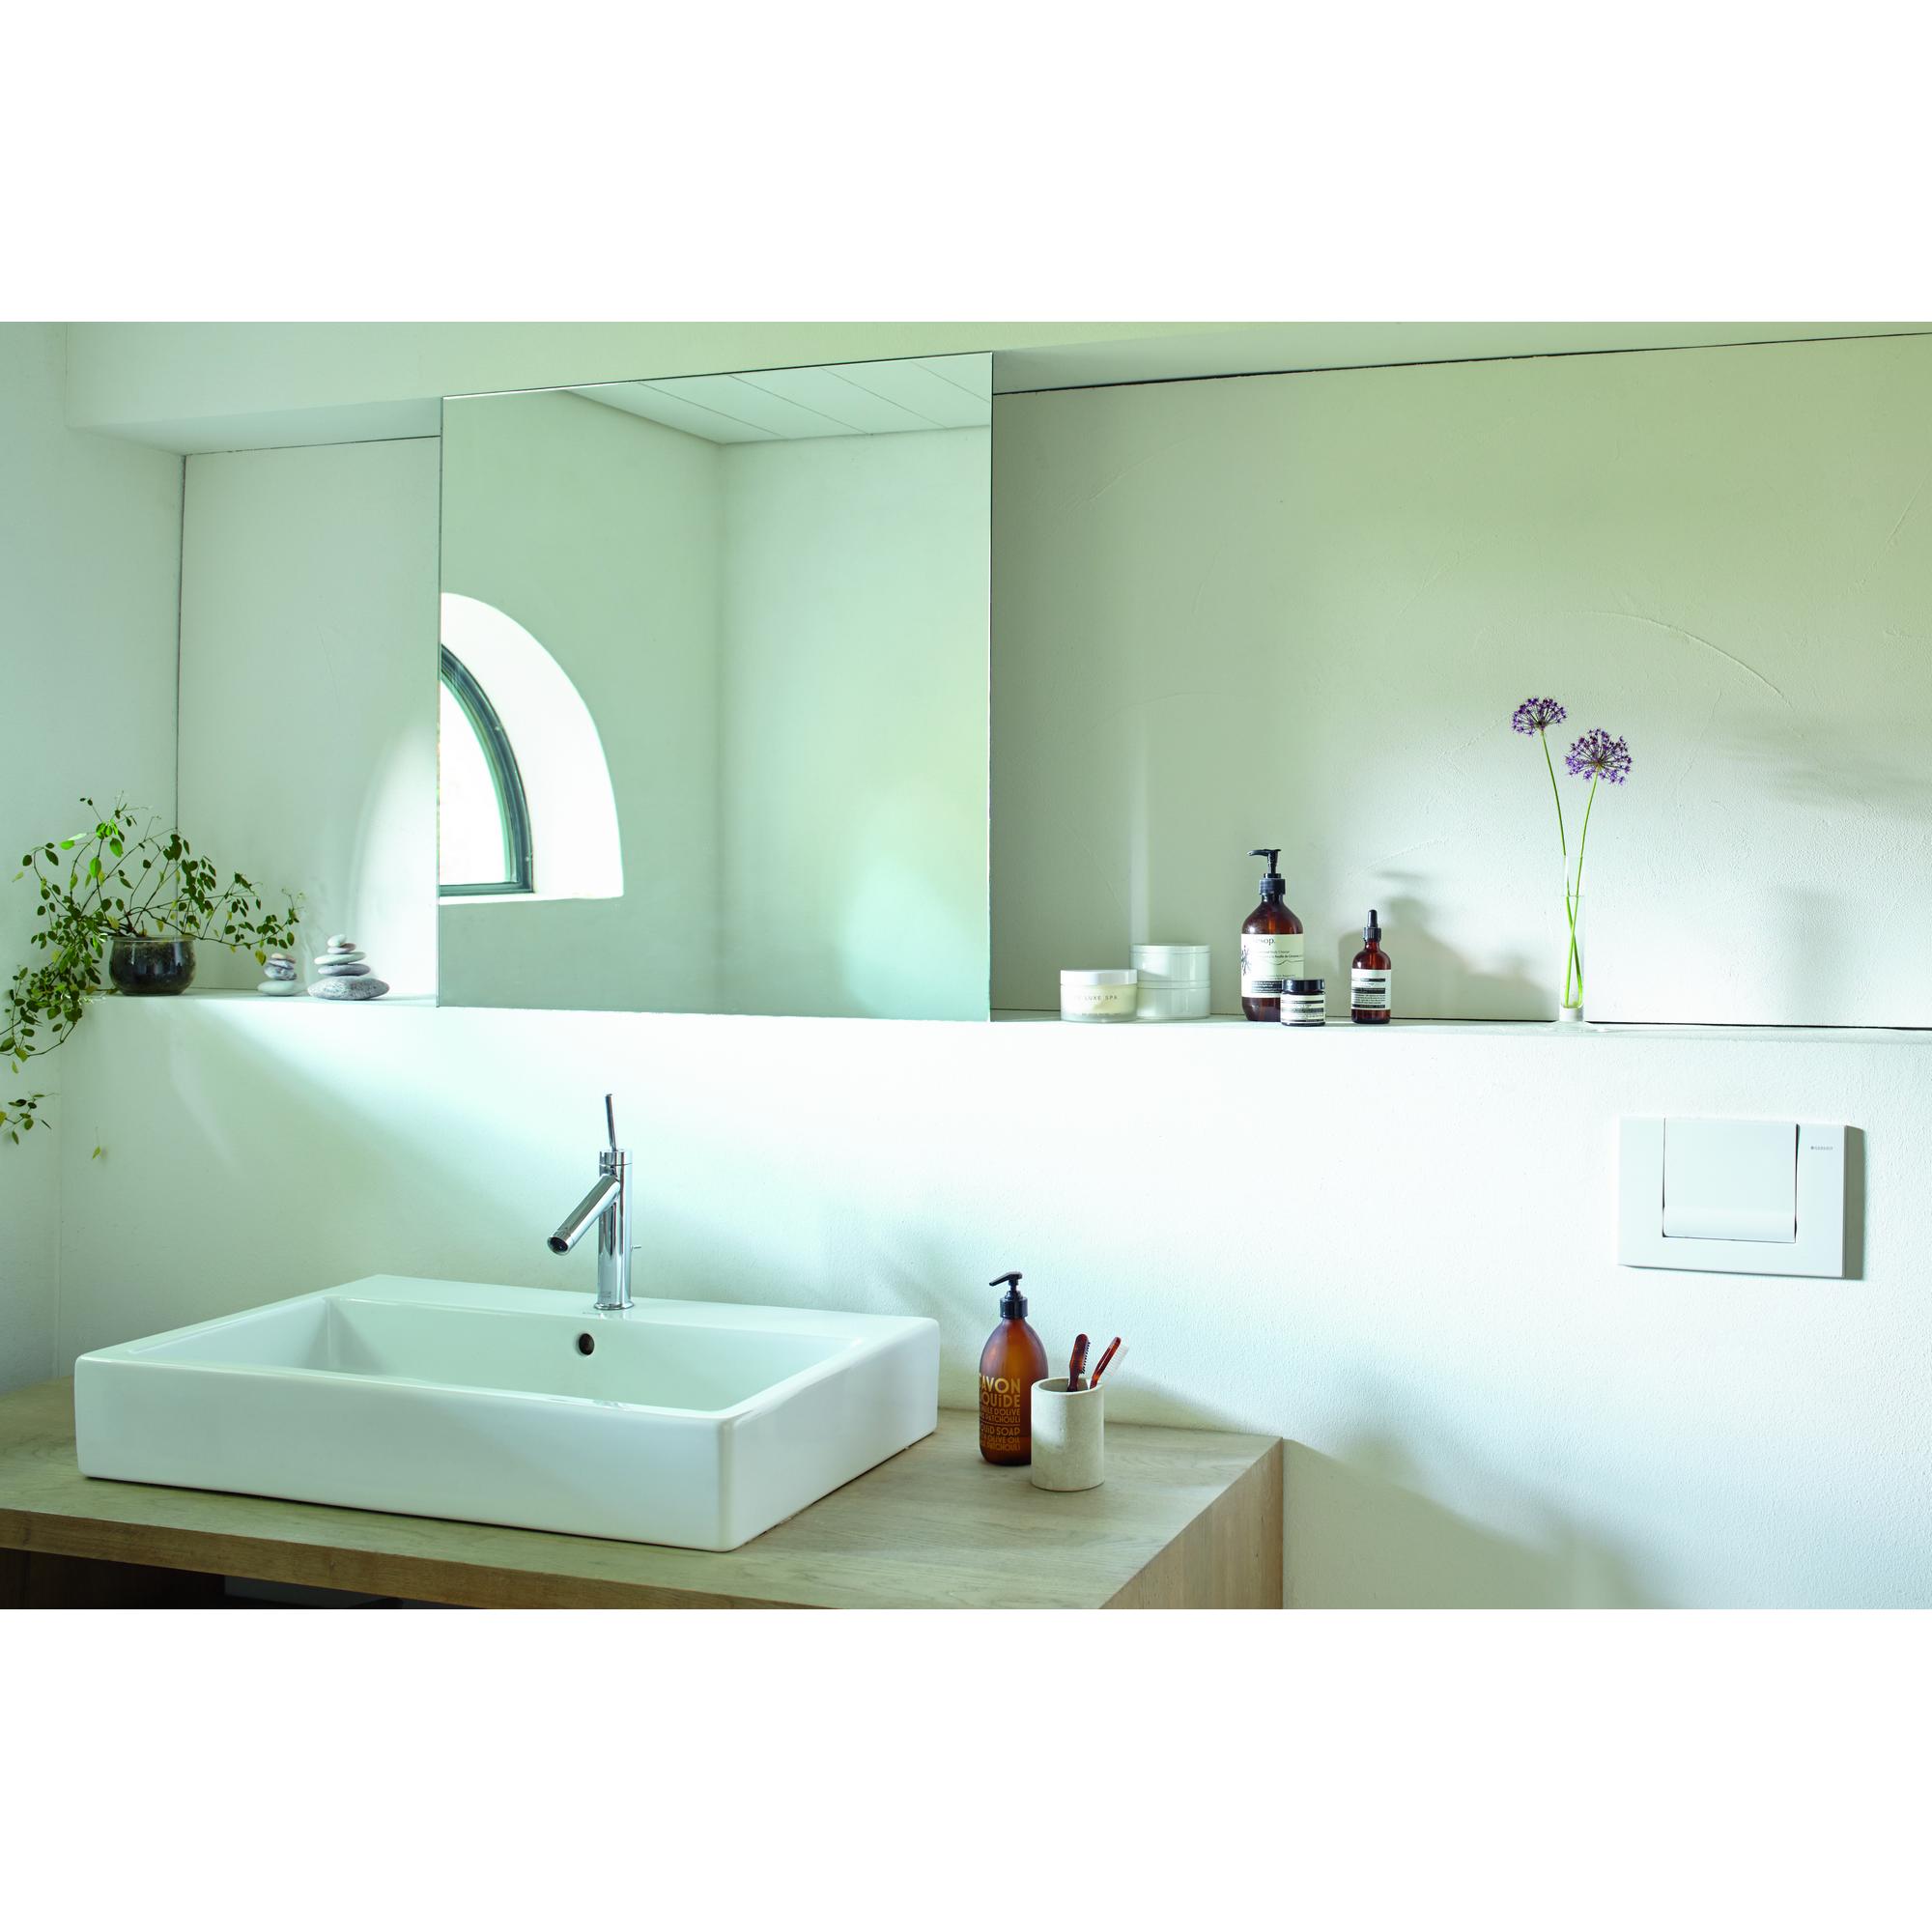 alpina bad und küchenfarbe 1 l ǀ toom baumarkt